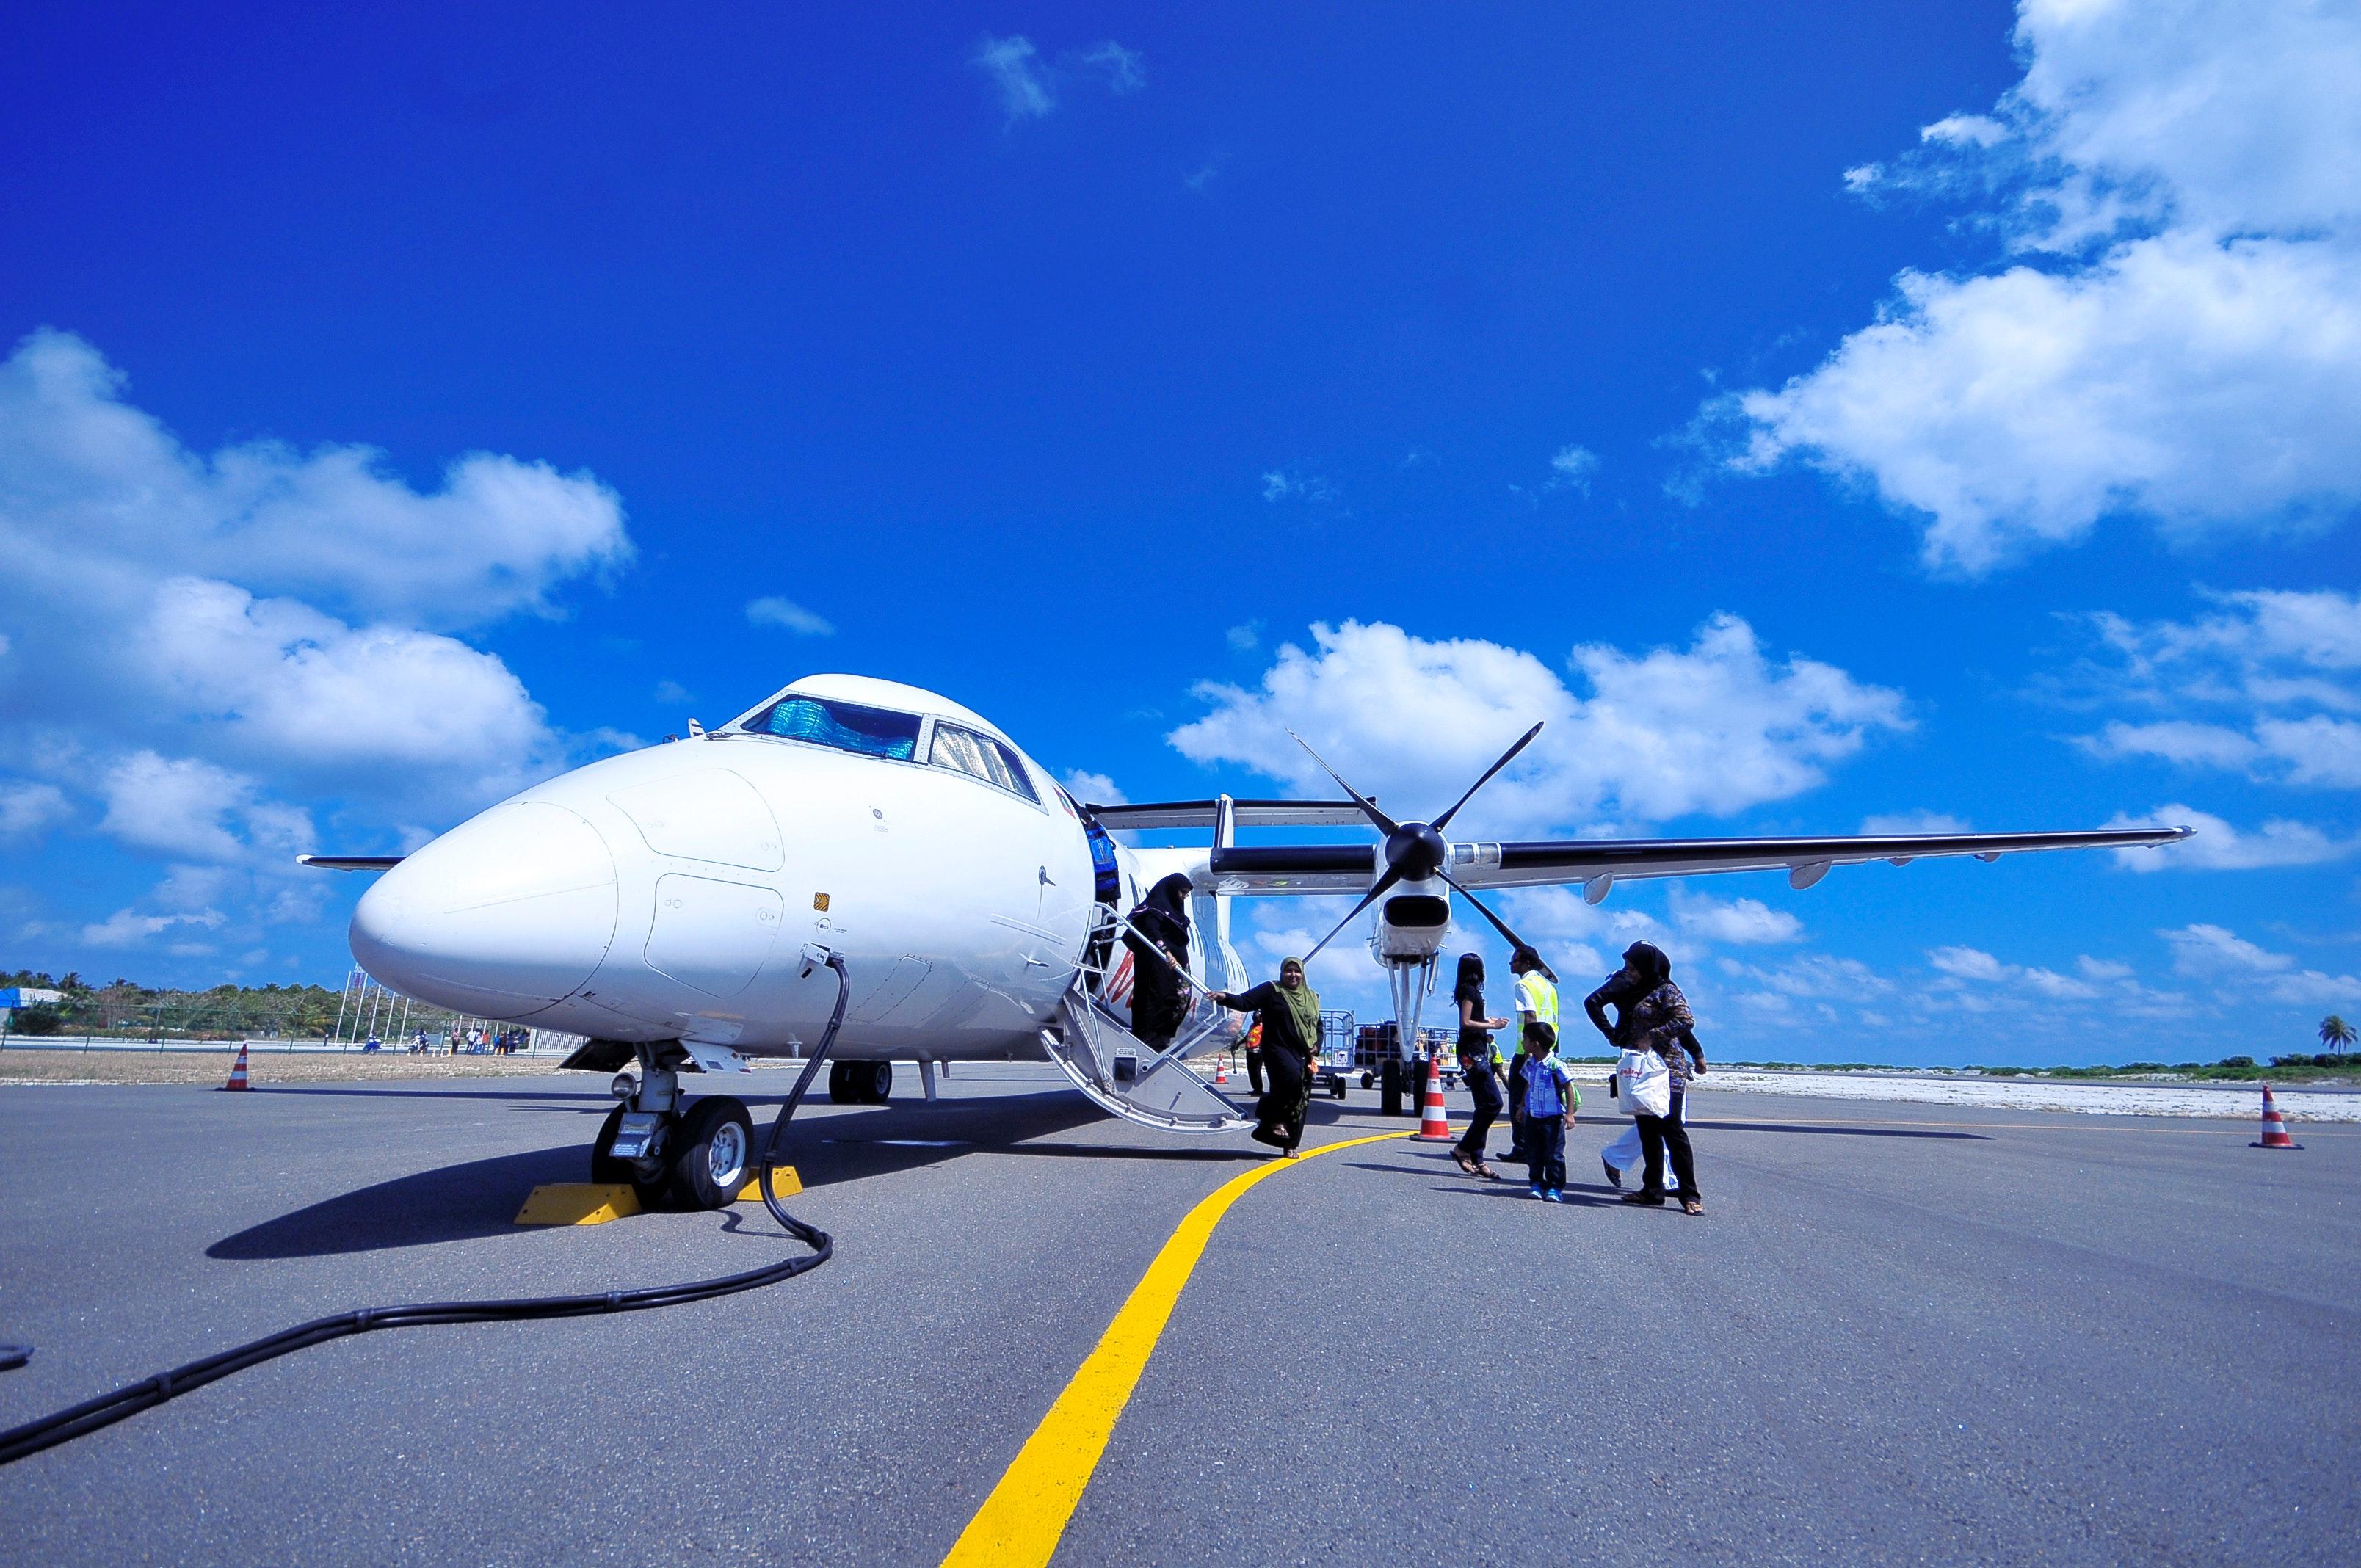 Aircraft Photography - Alaska Photography | Alaskafoto